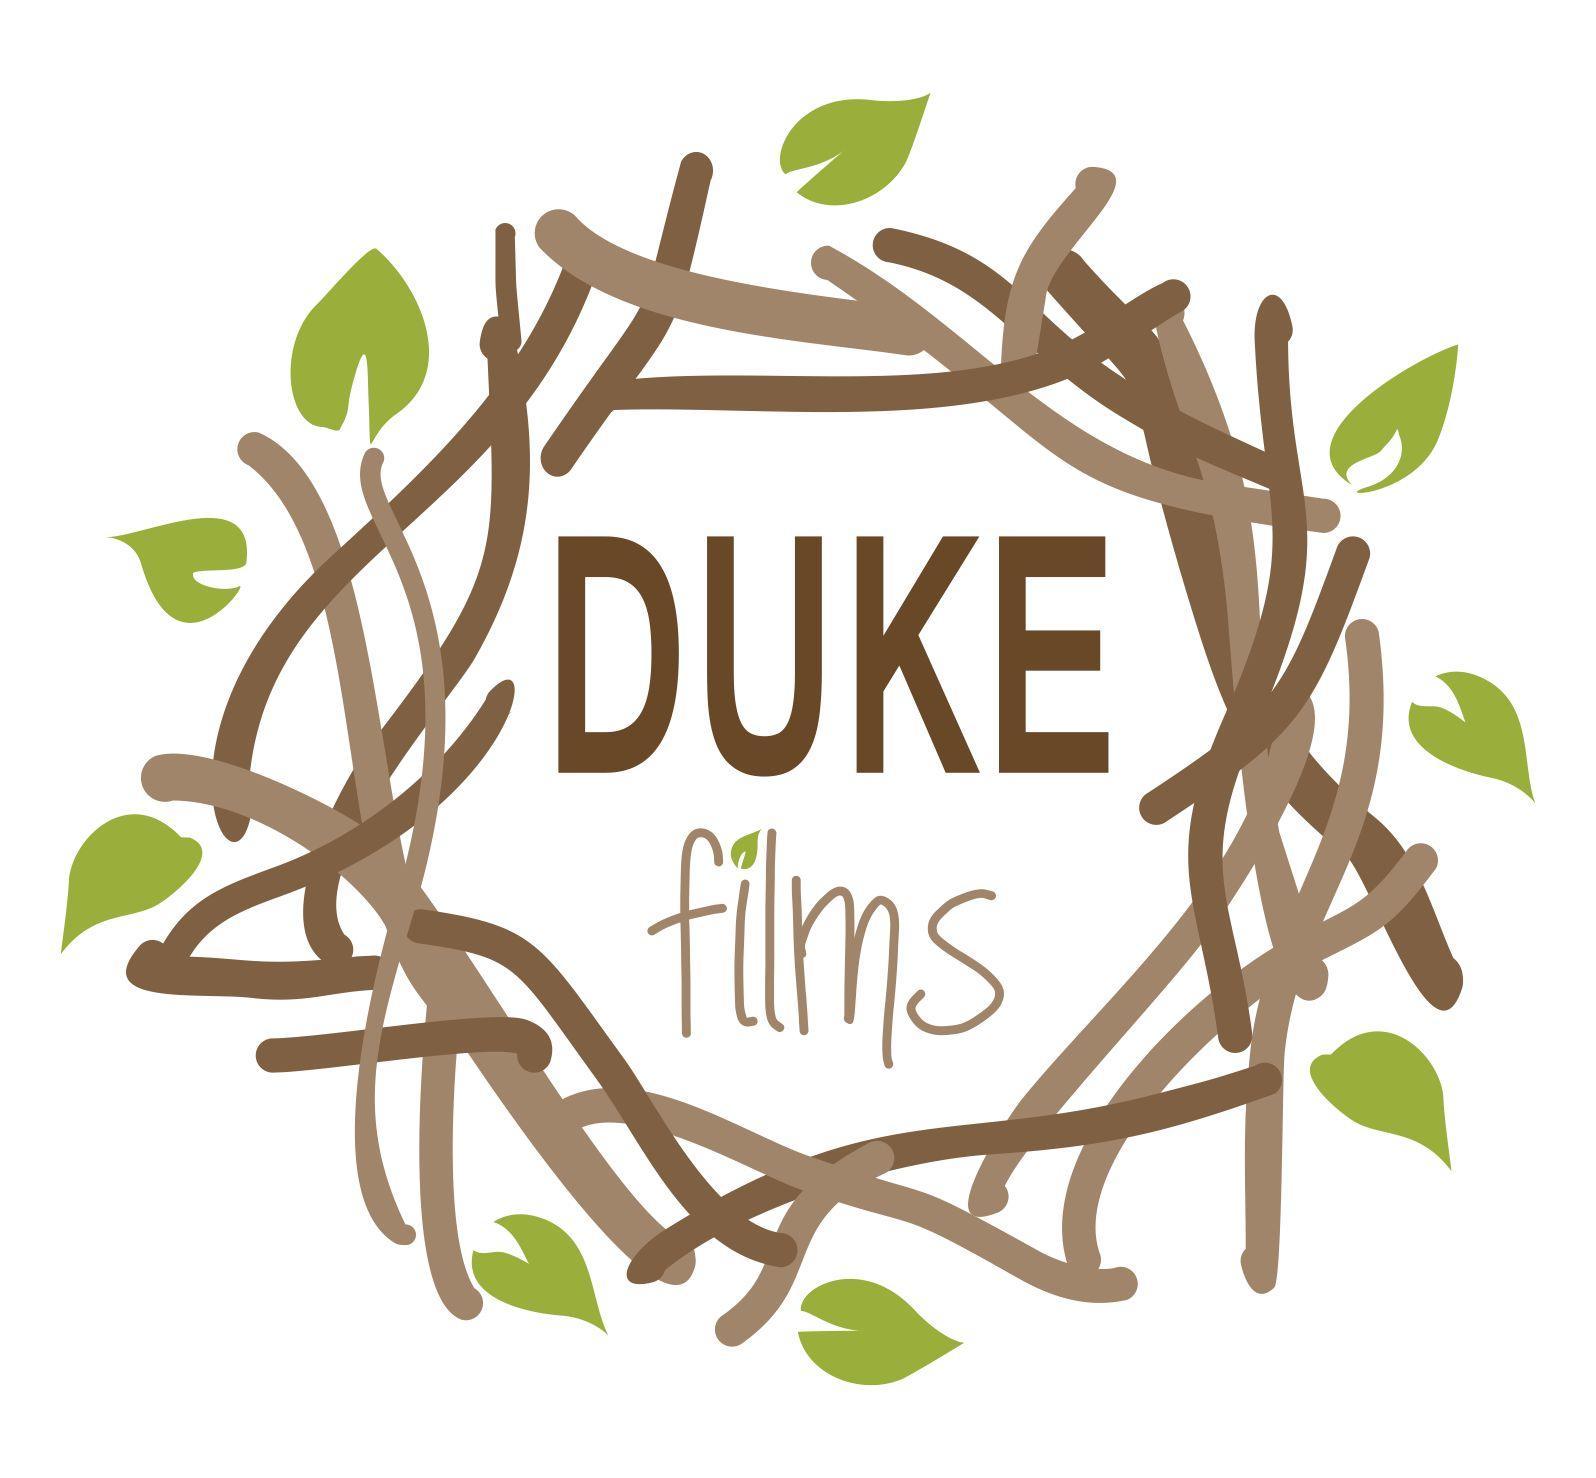 Duke Films